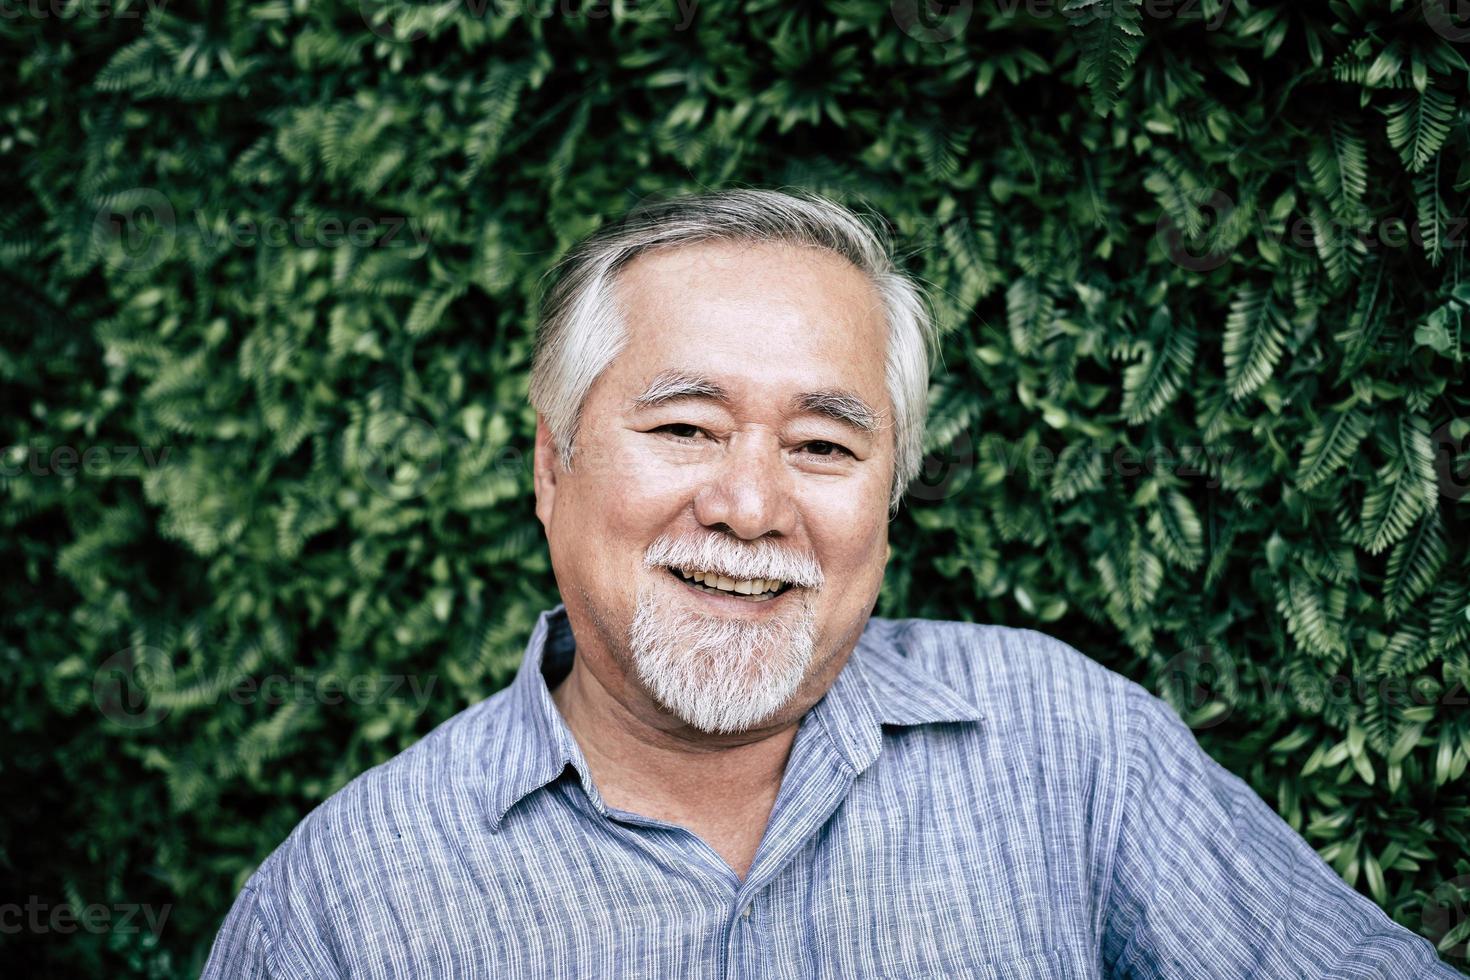 Porträt des älteren Mannes lächelnd foto